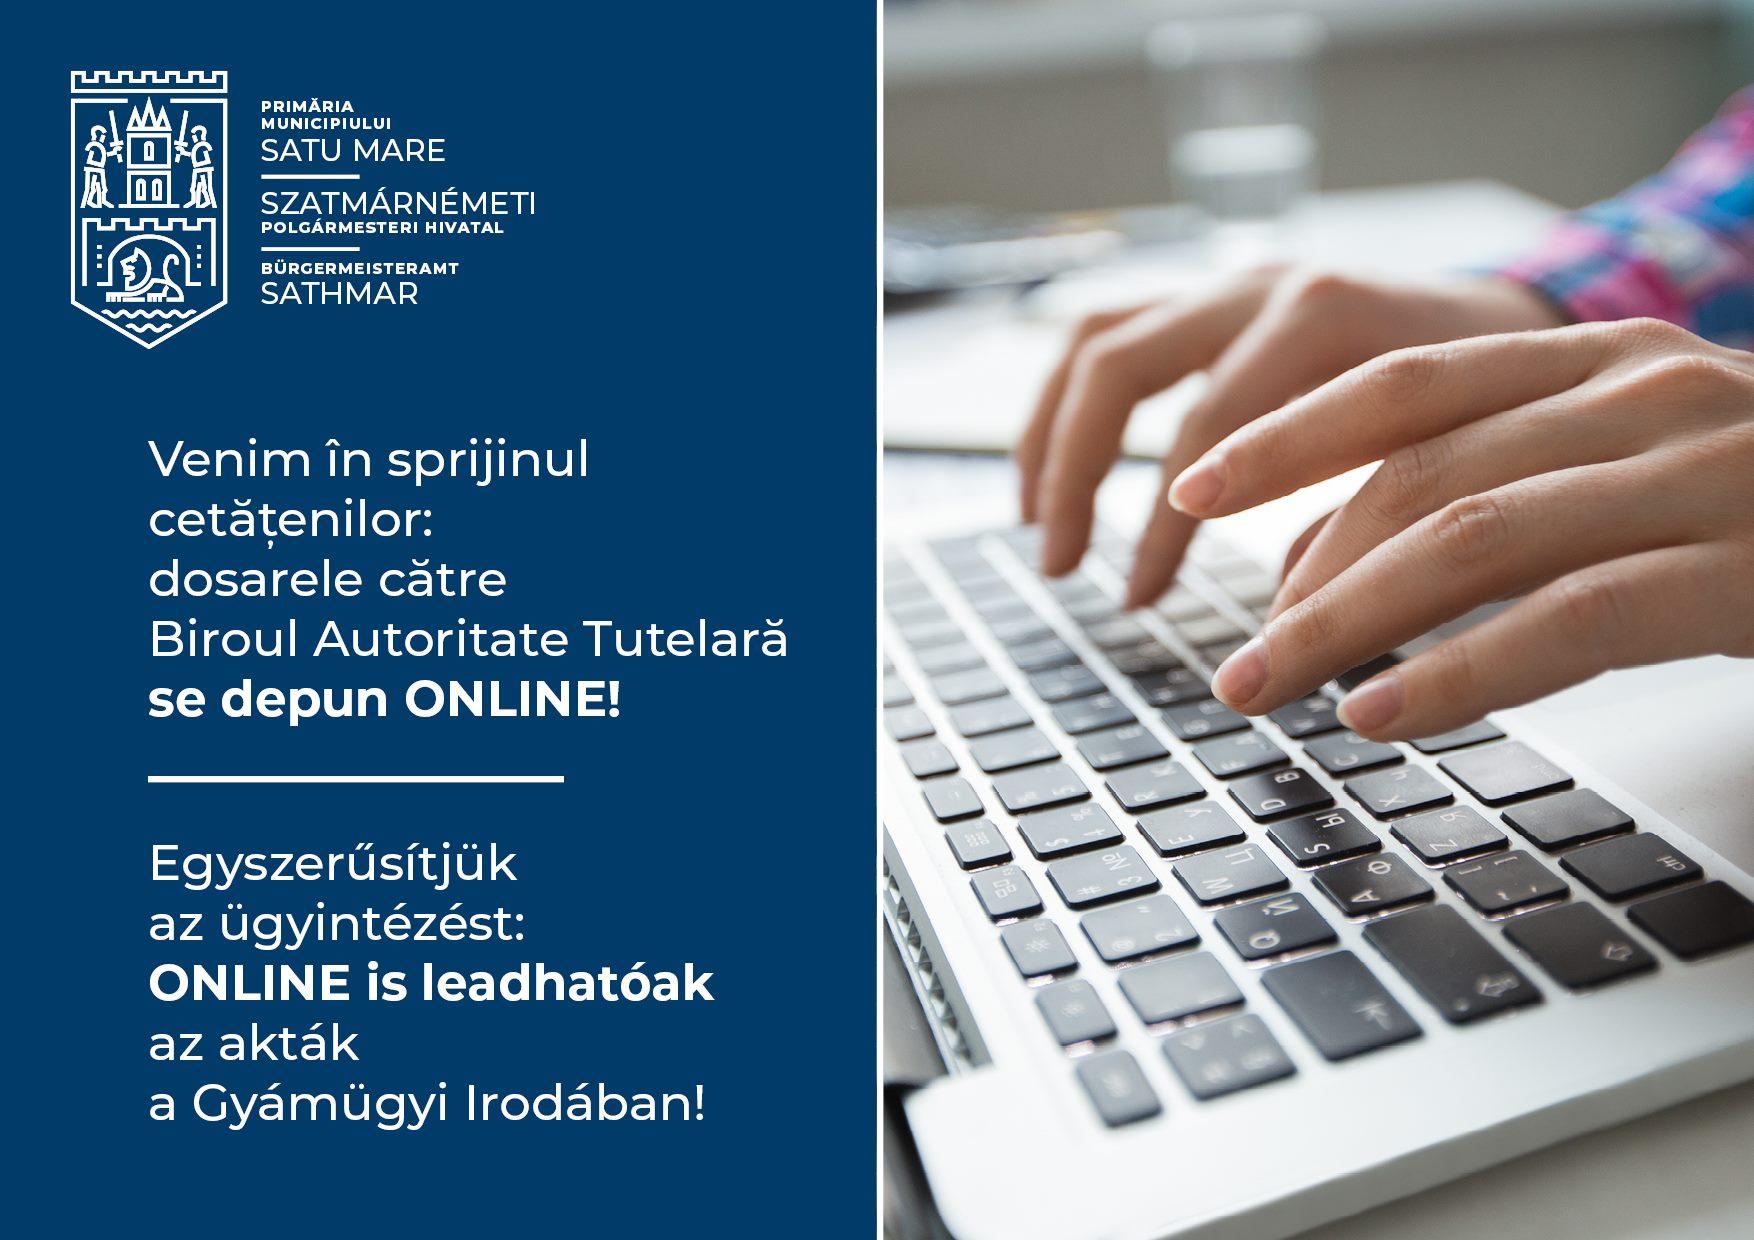 Dosarele pentru anchete sociale se depun ONLINE la Primăria Satu Mare